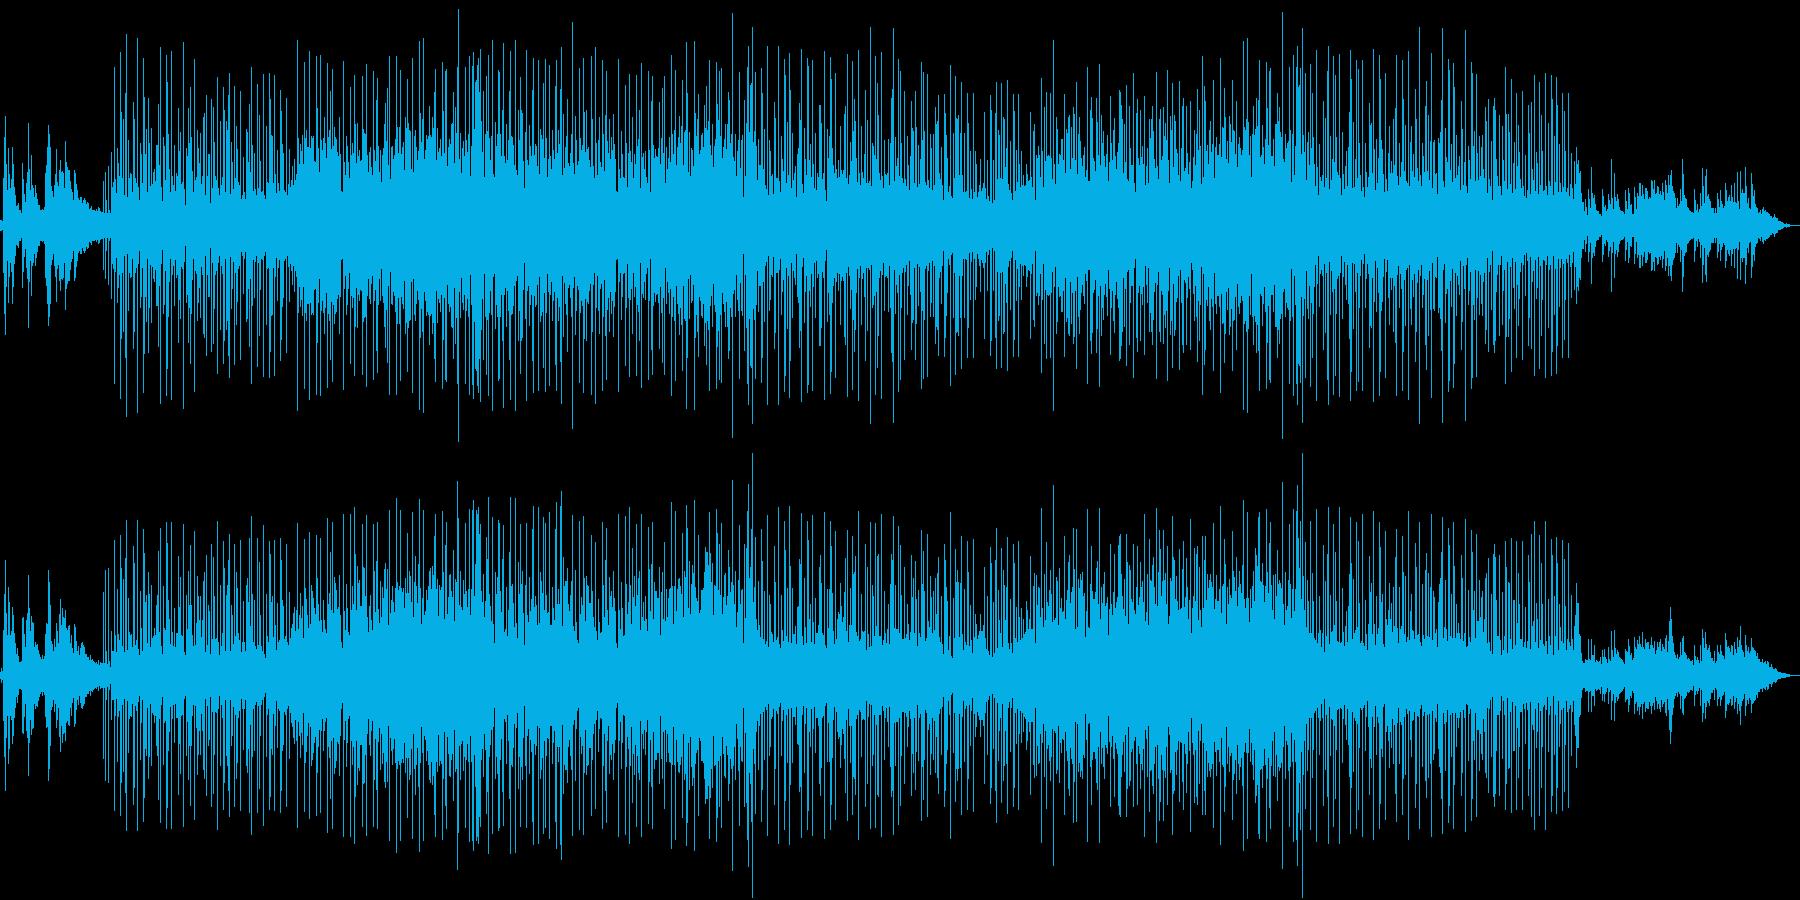 伝統中国音楽アレンジによるポップスの再生済みの波形